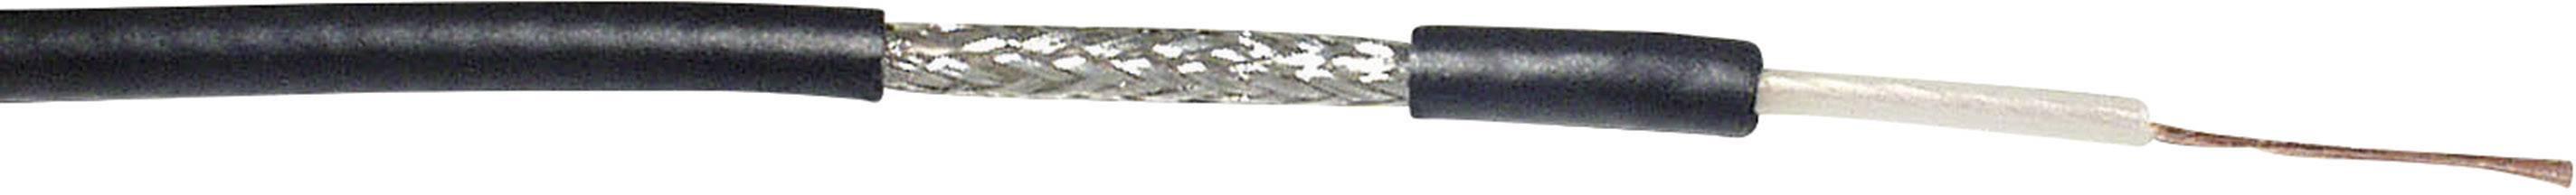 Koaxiální kabel VOKA Kabelwerk RG174 A/U, 304660-87, 50 Ohm, černá, metrové zboží